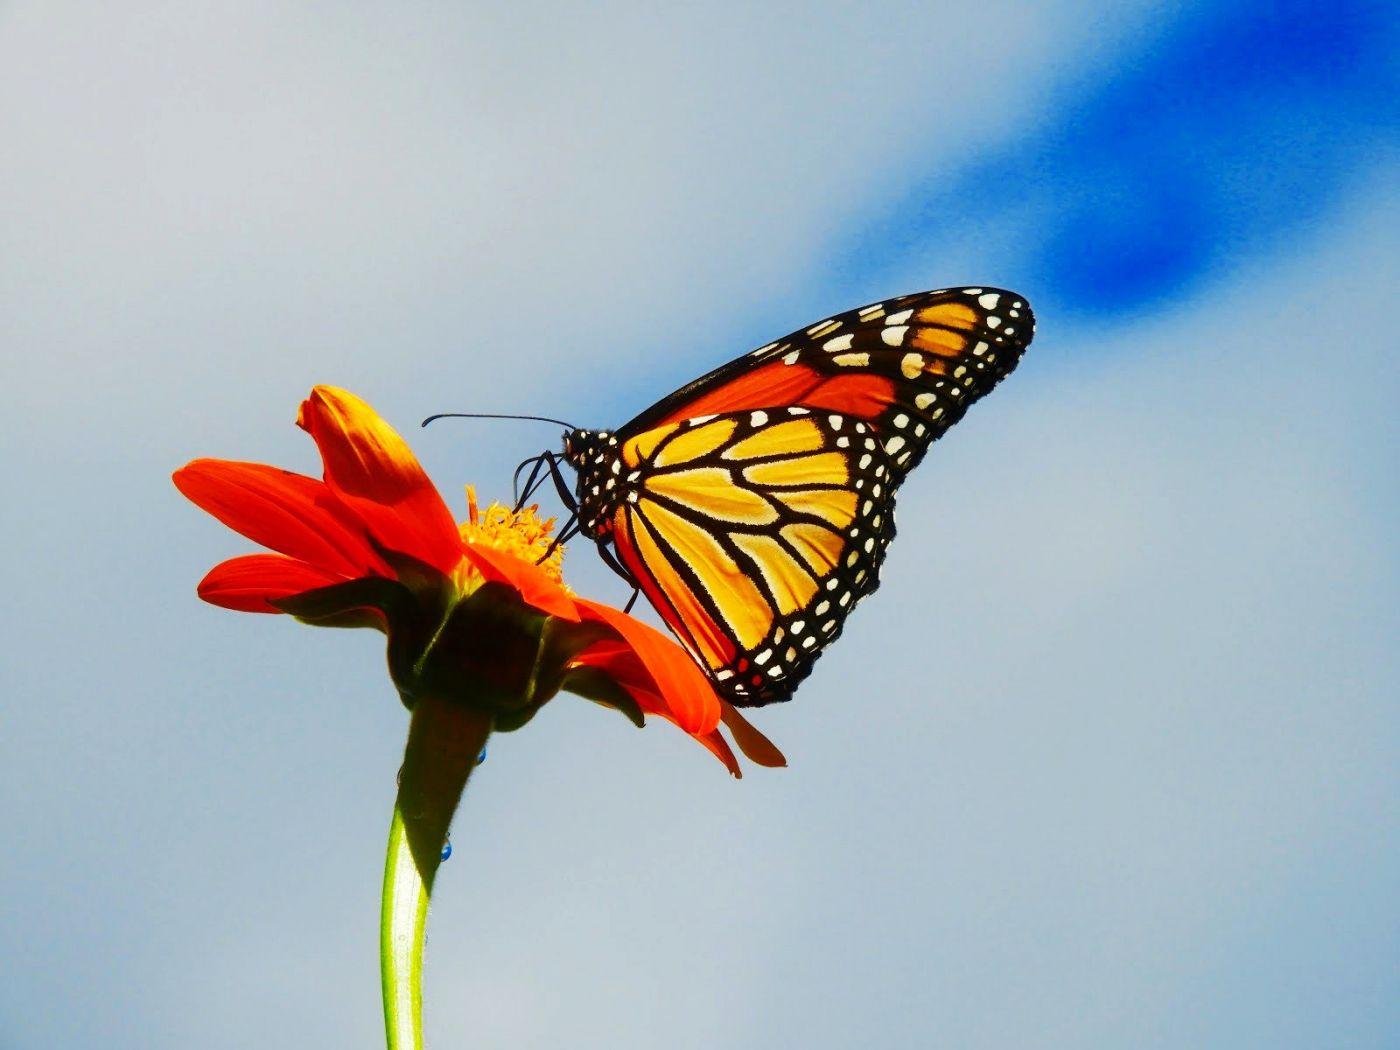 赫尔希花园看蝴蝶_图1-24